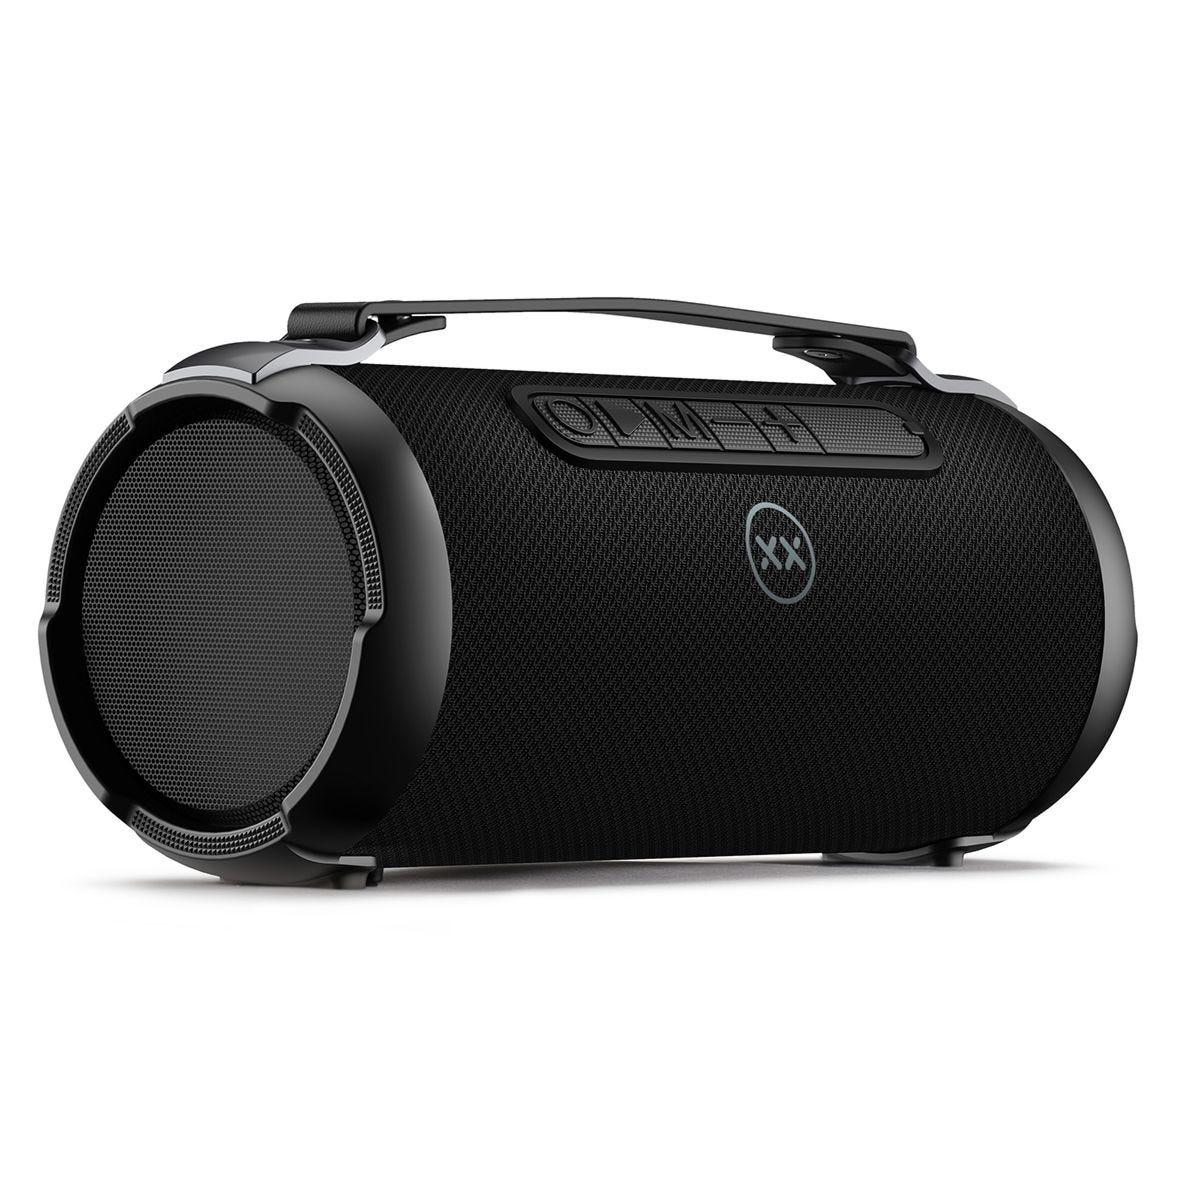 MIXX xBoost2 Wireless Party Speaker - Black